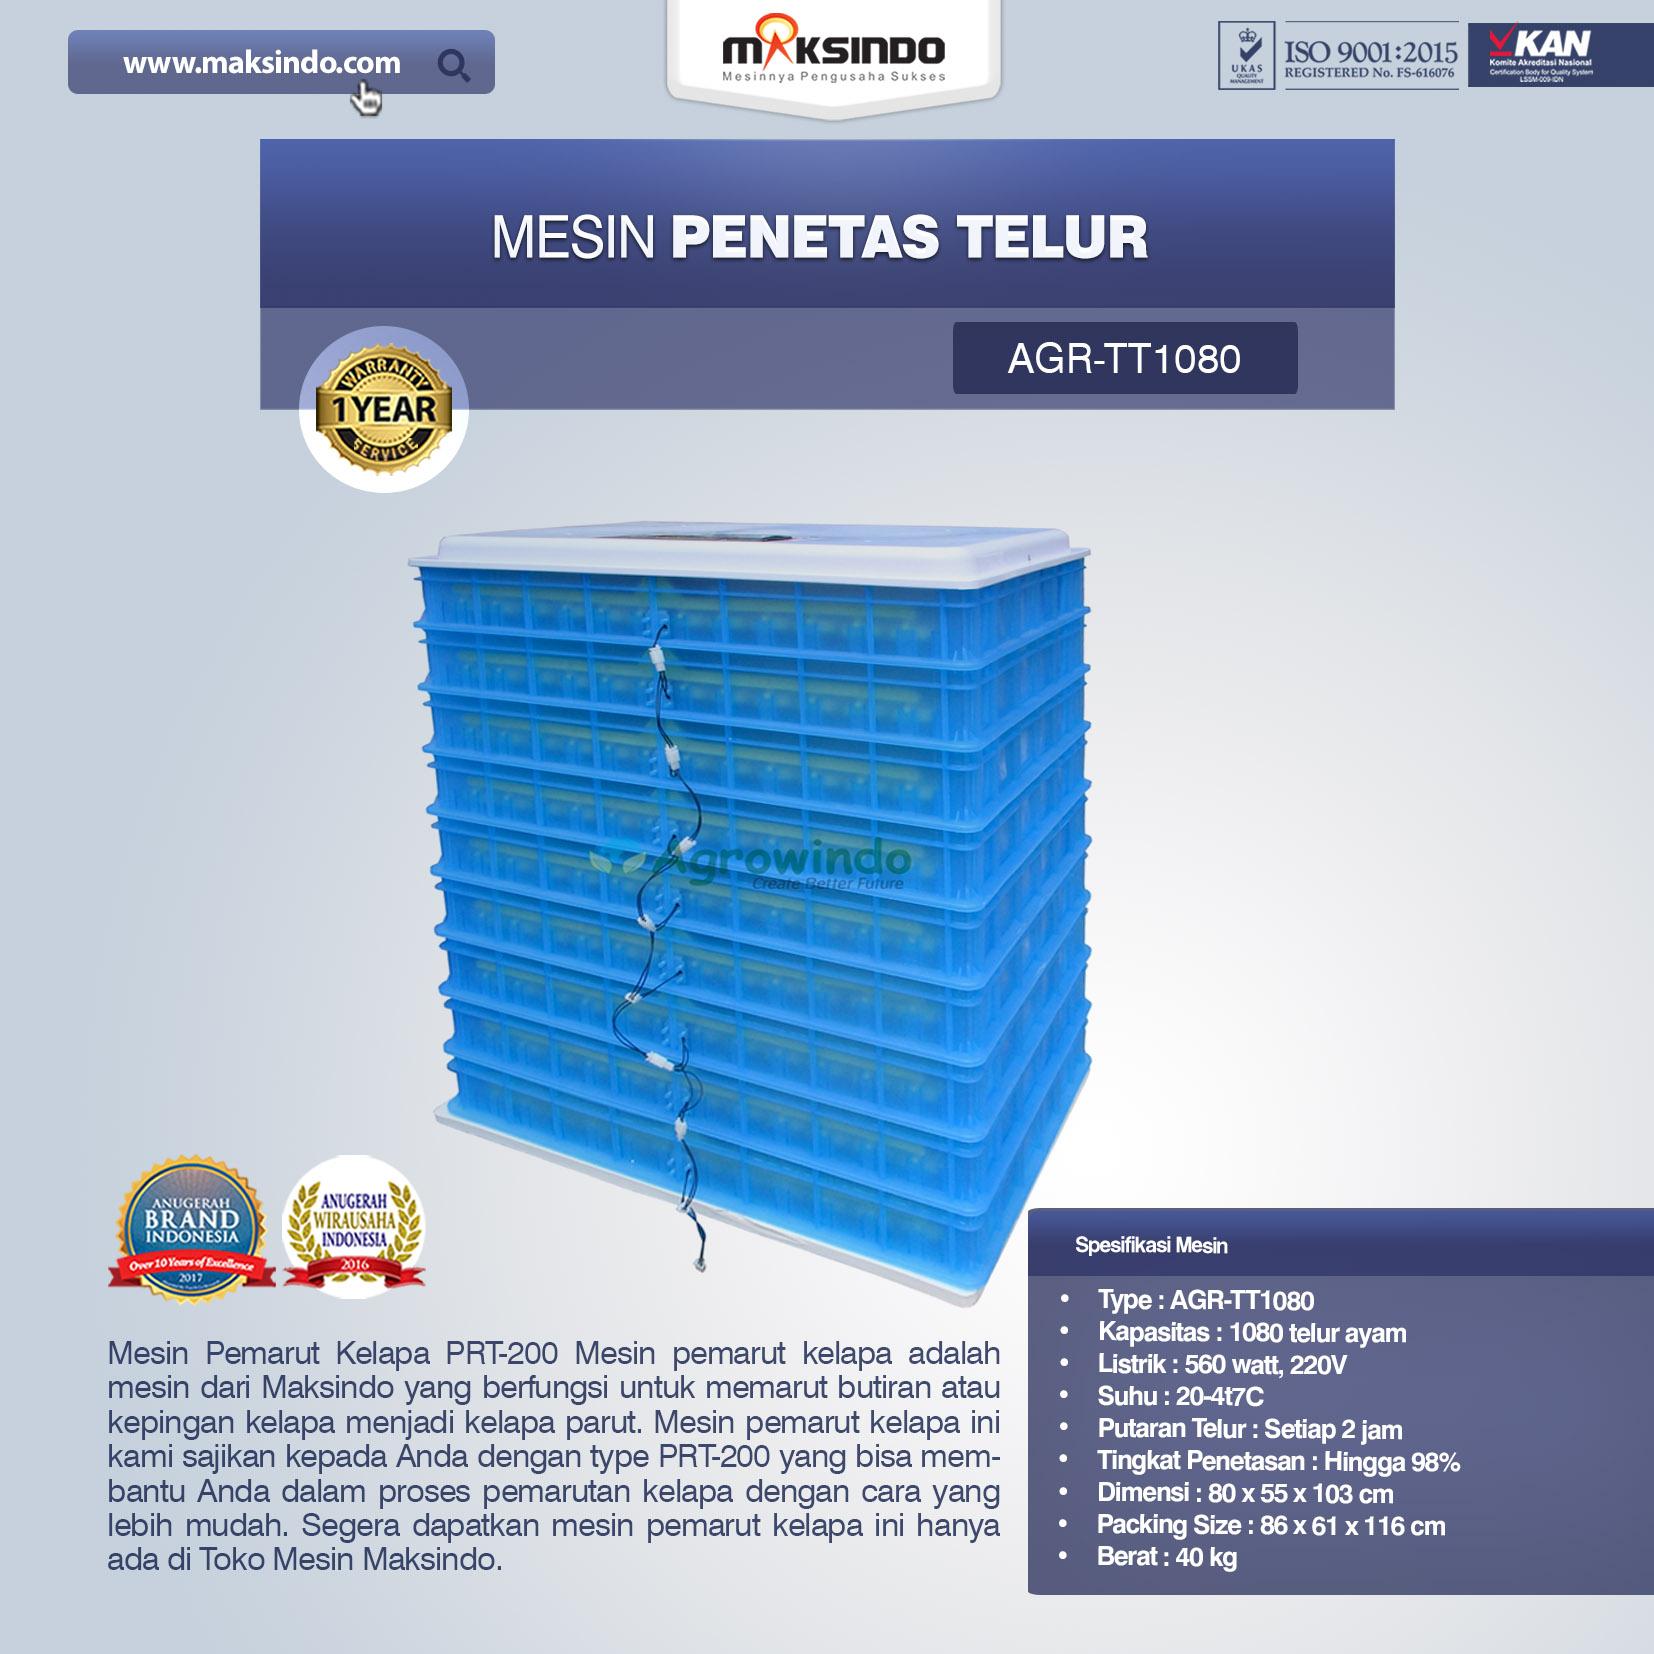 Jual Mesin Penetas Telur AGR-TT1080 di Blitar